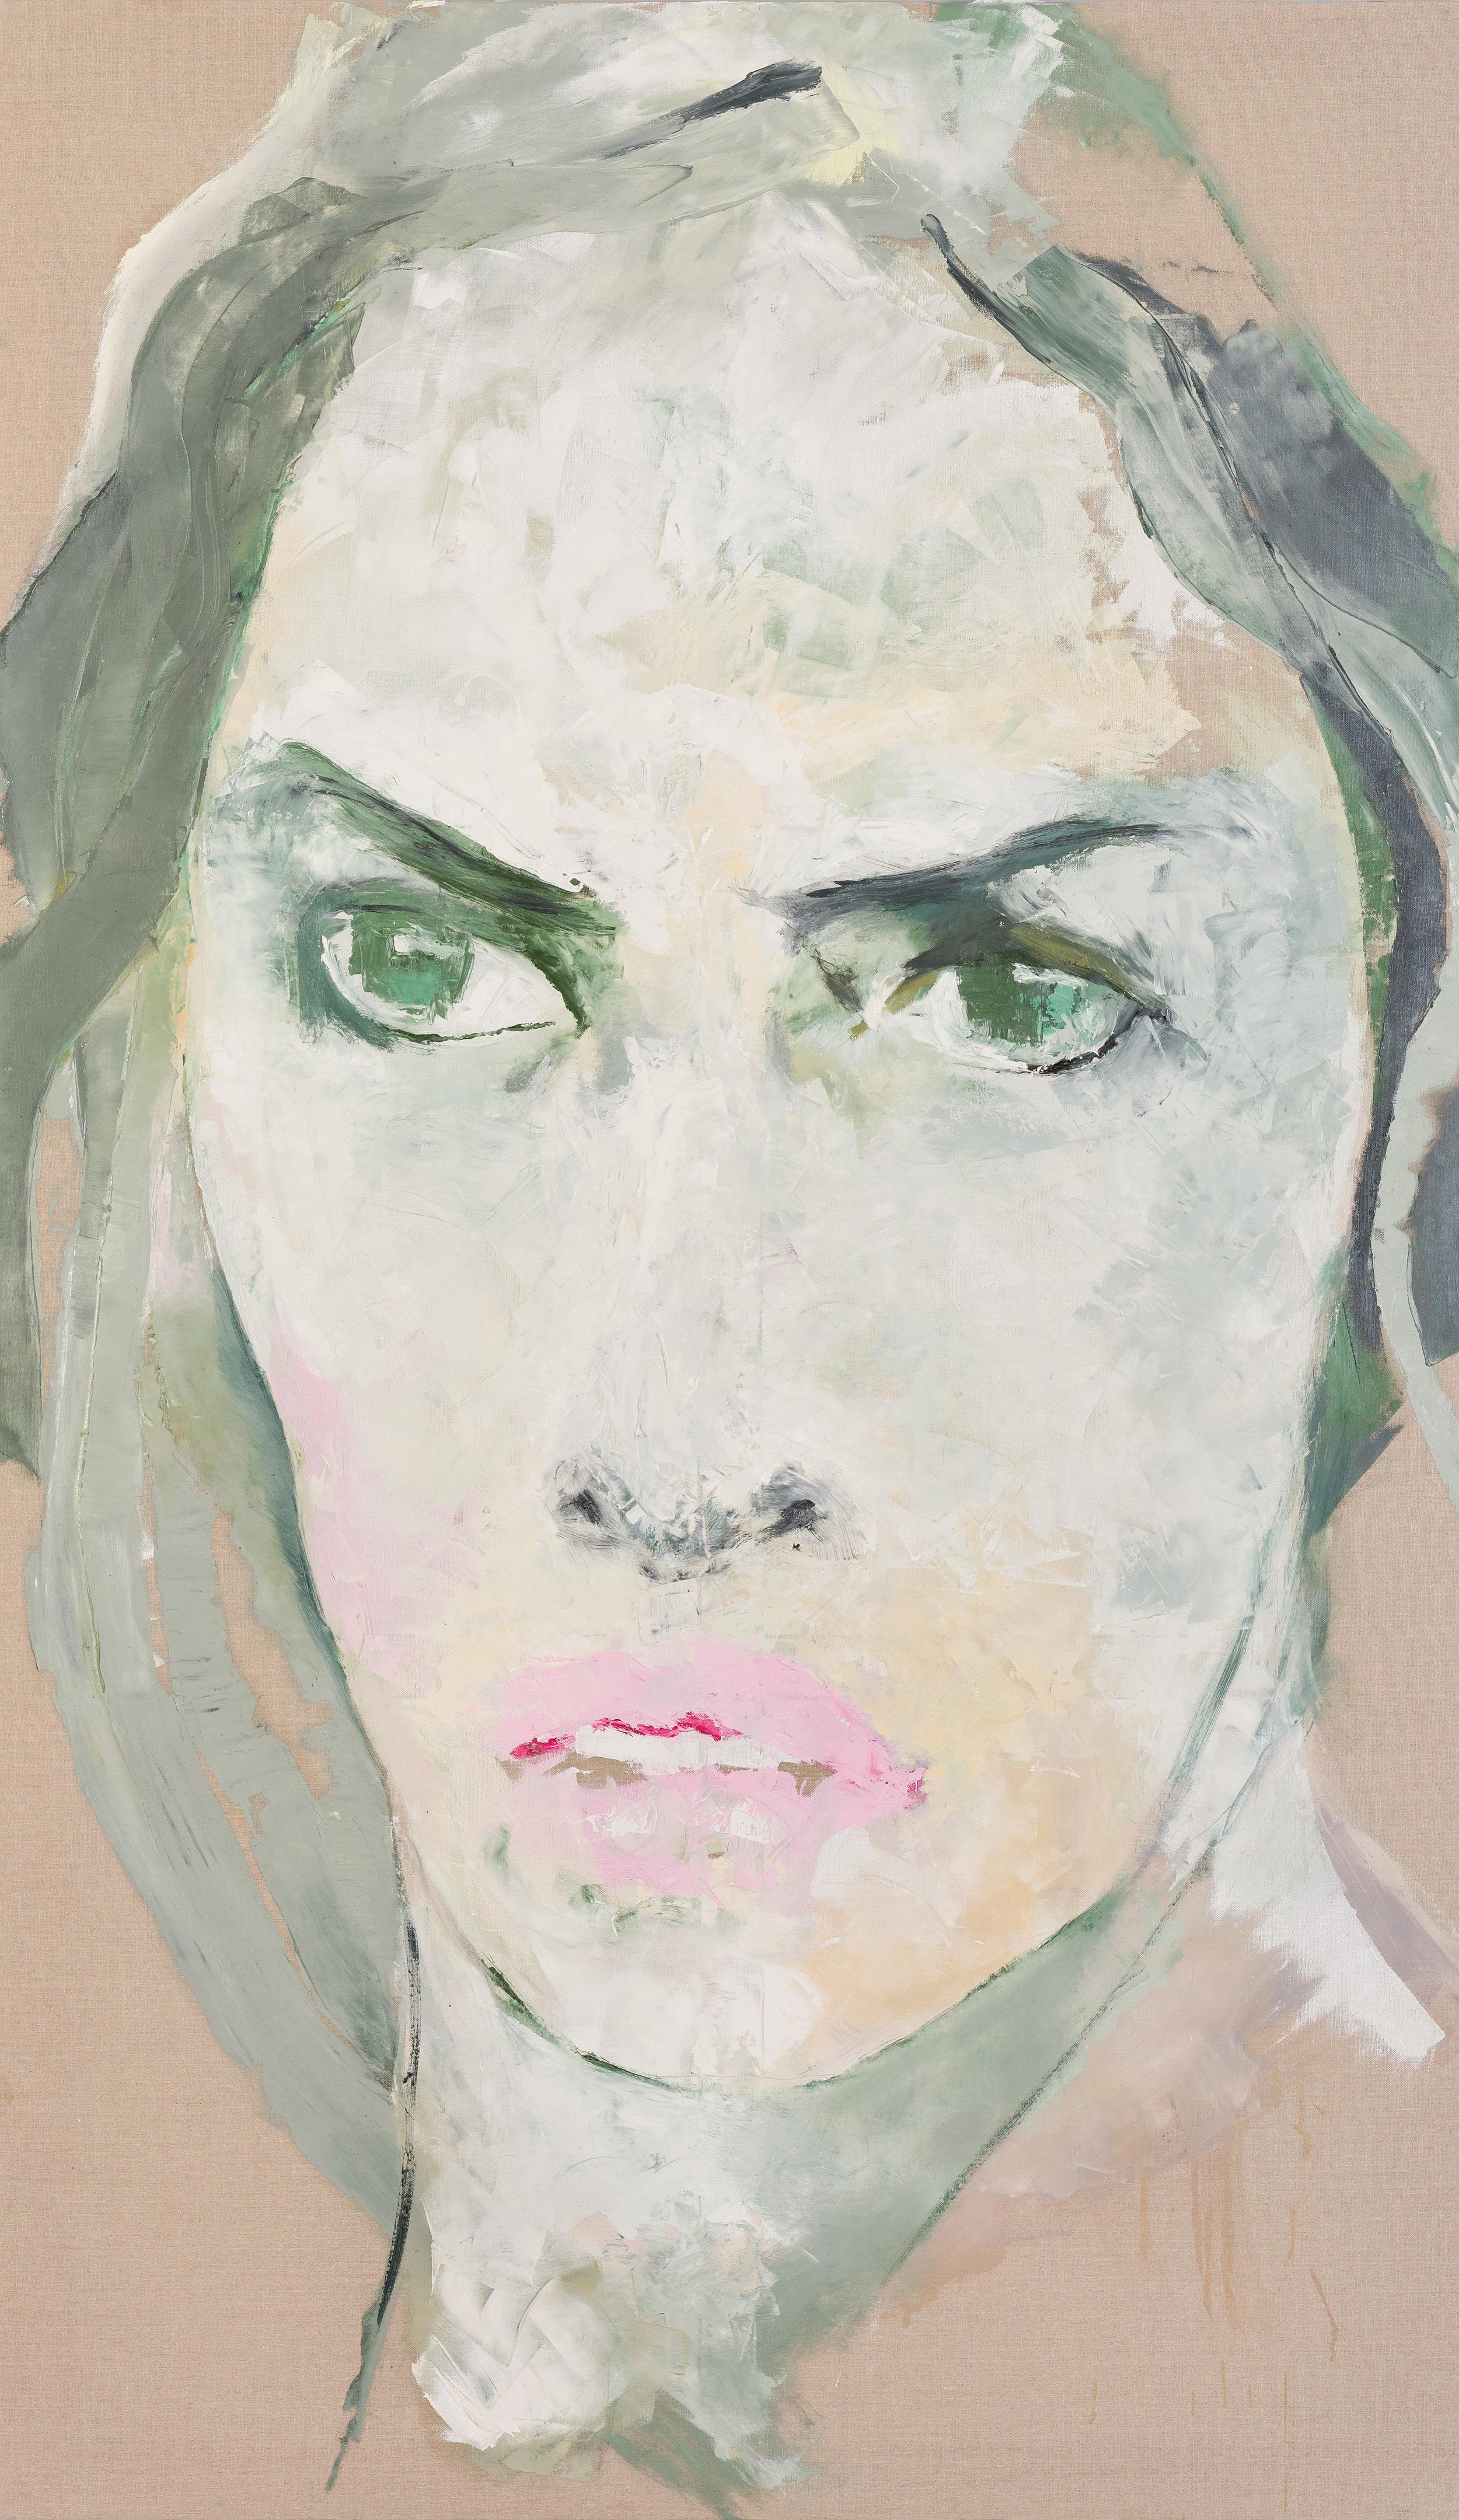 Sans titre (Figure 4) - 2011114 x 194 cm